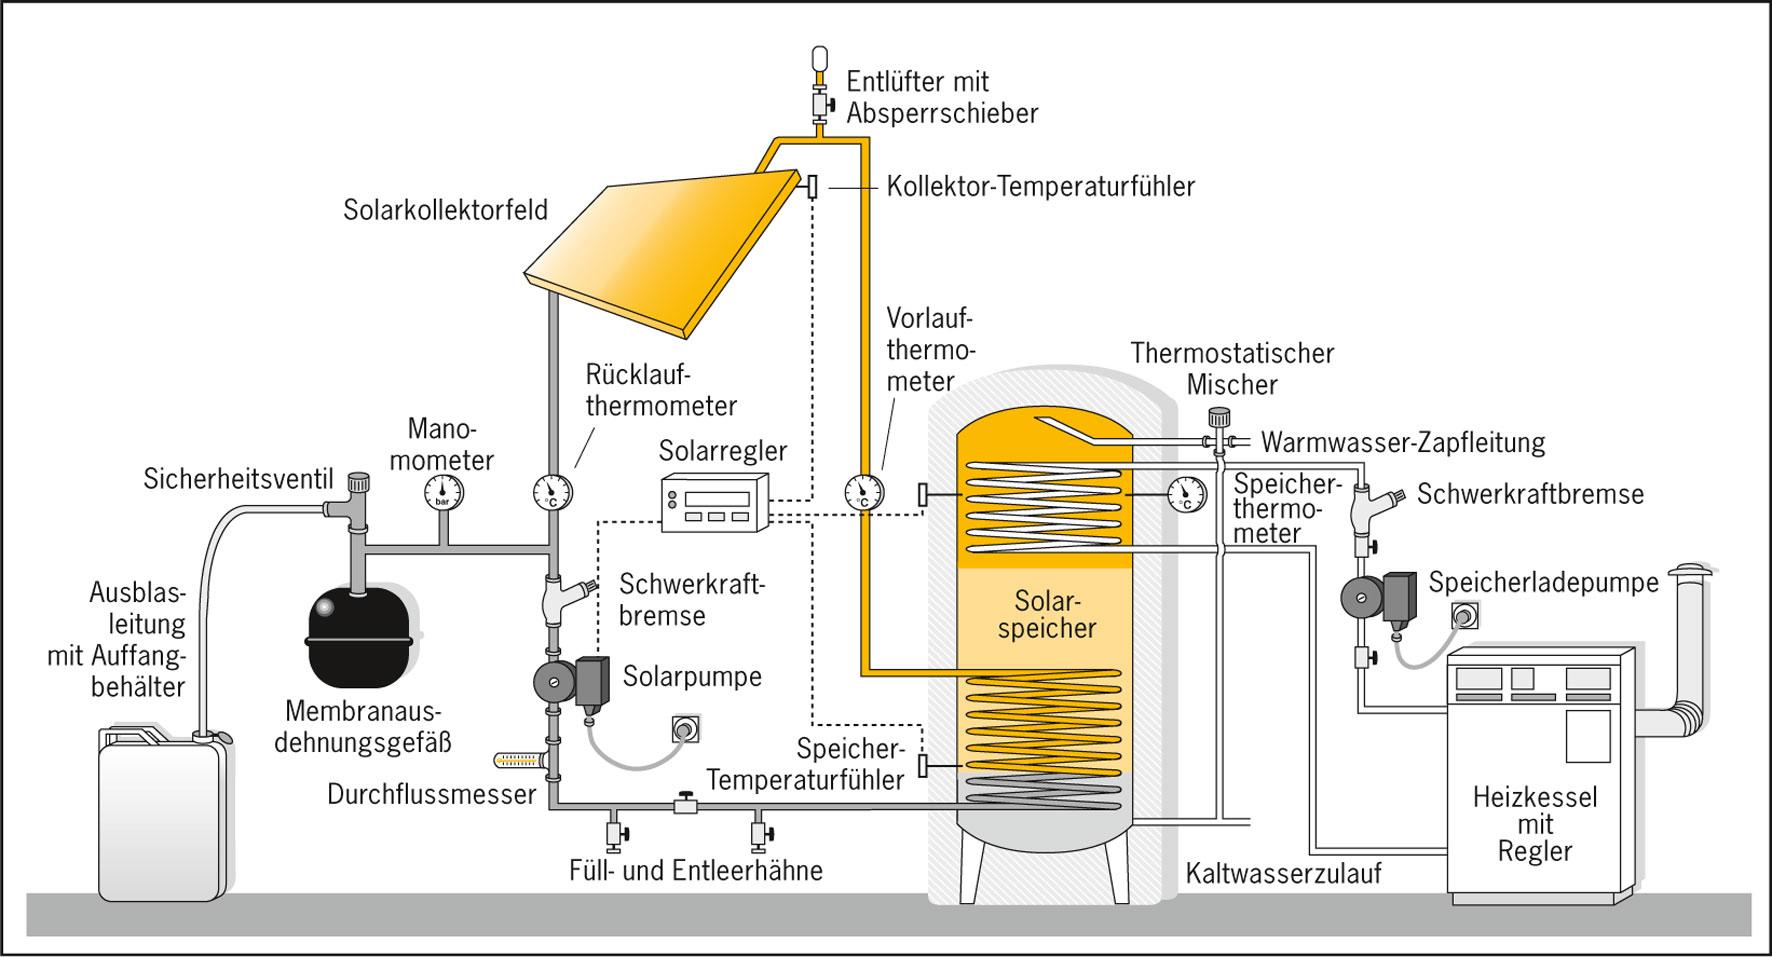 waermepumpe klimaanlagen elektro gas wasser heizung solaranlagen. Black Bedroom Furniture Sets. Home Design Ideas